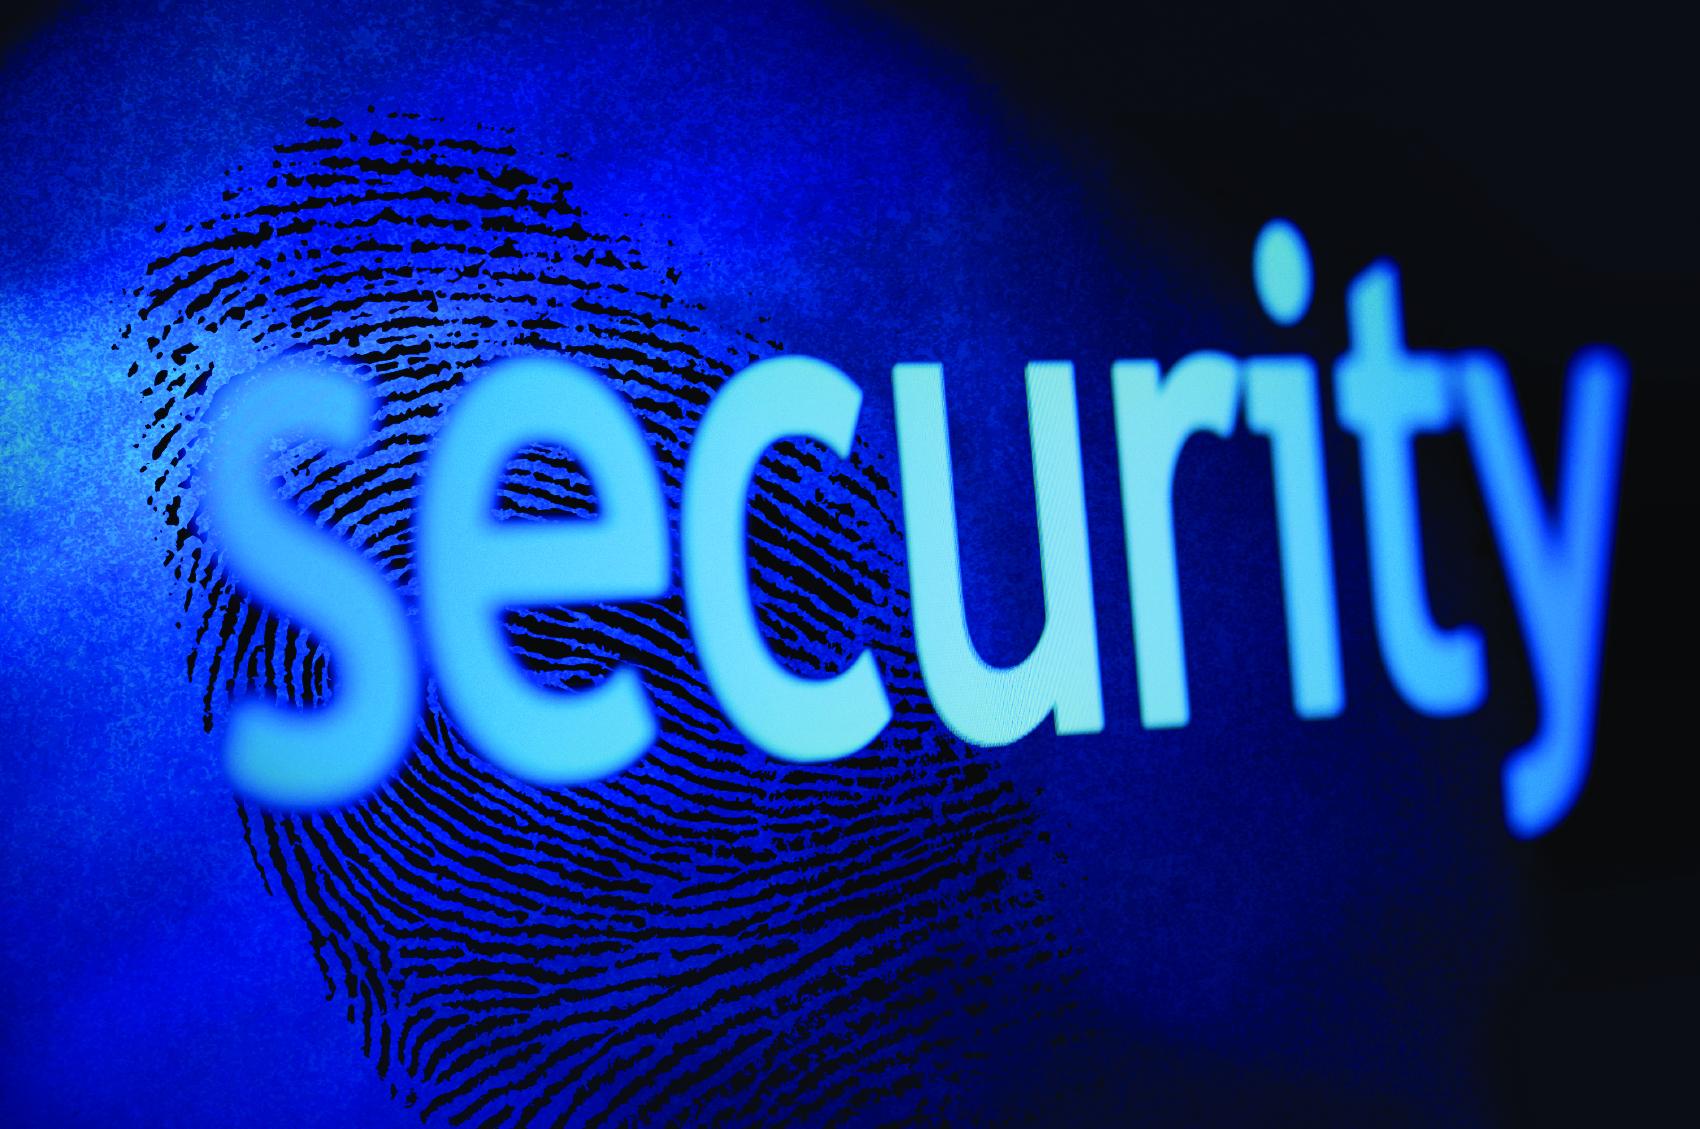 Experții în securitate ajută companiile să înțeleagă riscurile securității cibernetice